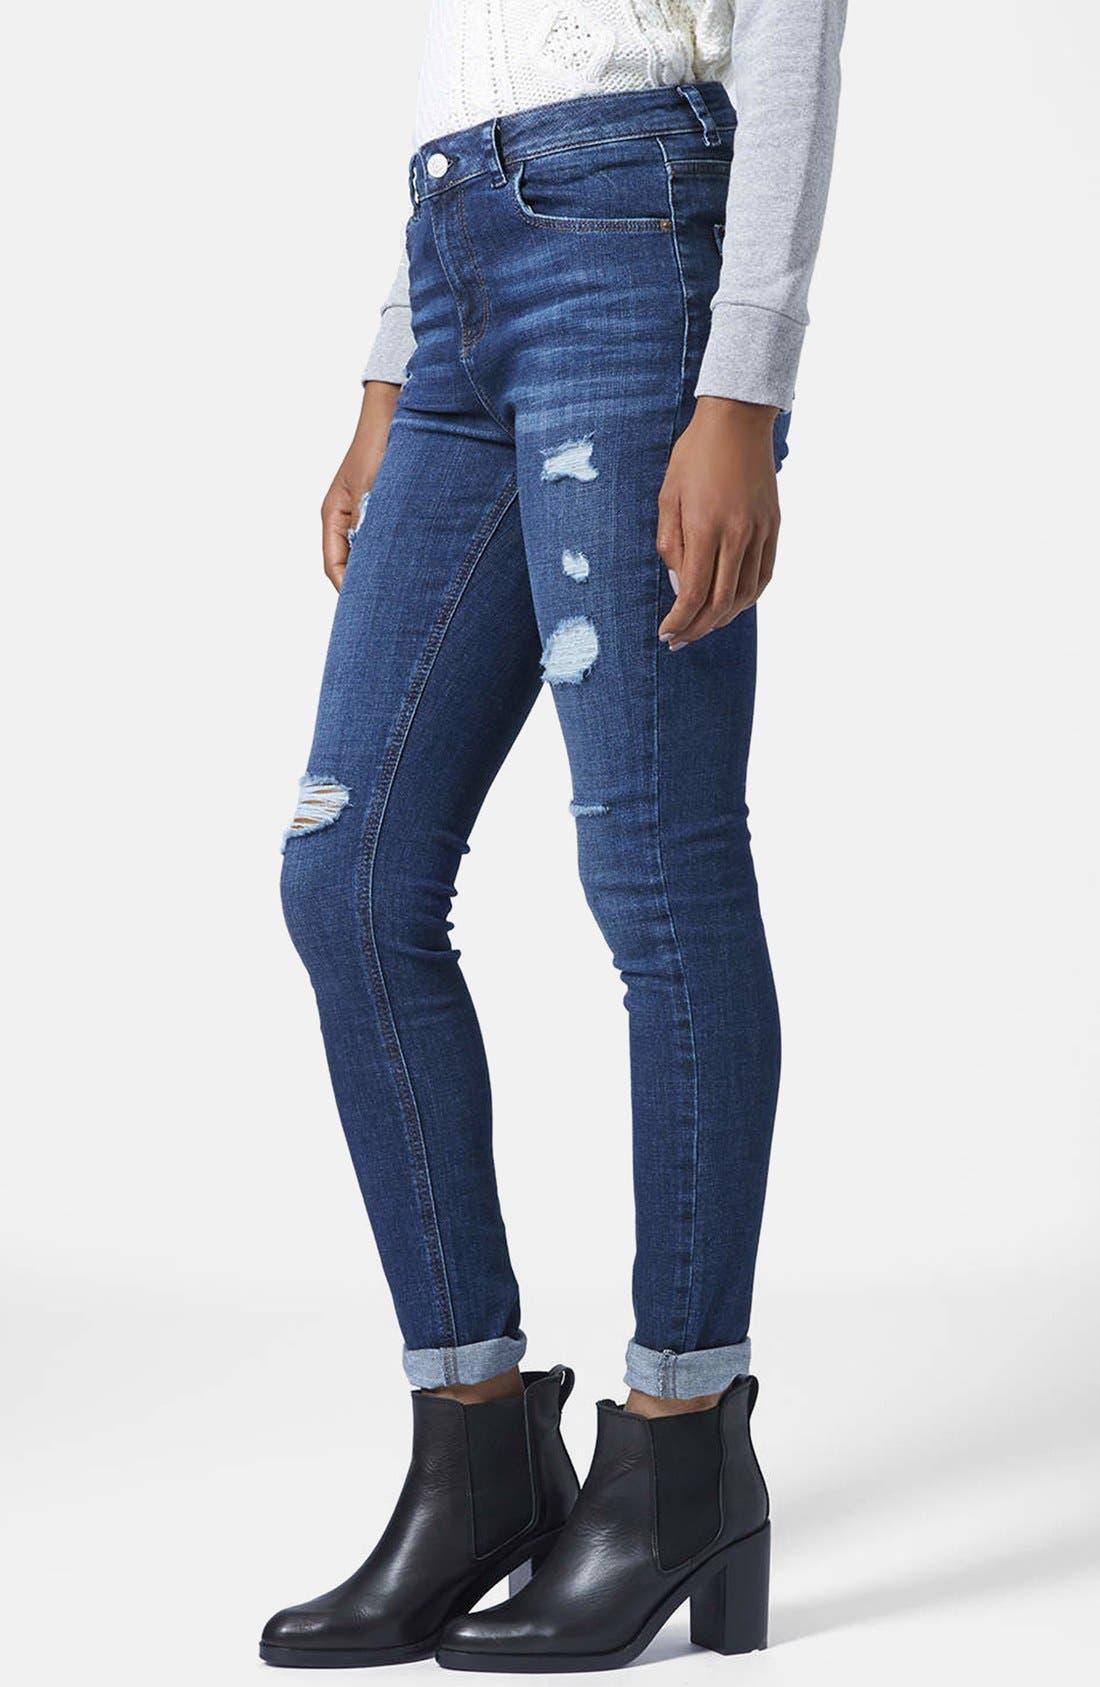 Alternate Image 1 Selected - Topshop Moto Ripped Skinny Jeans (Dark Denim) (Regular & Short)